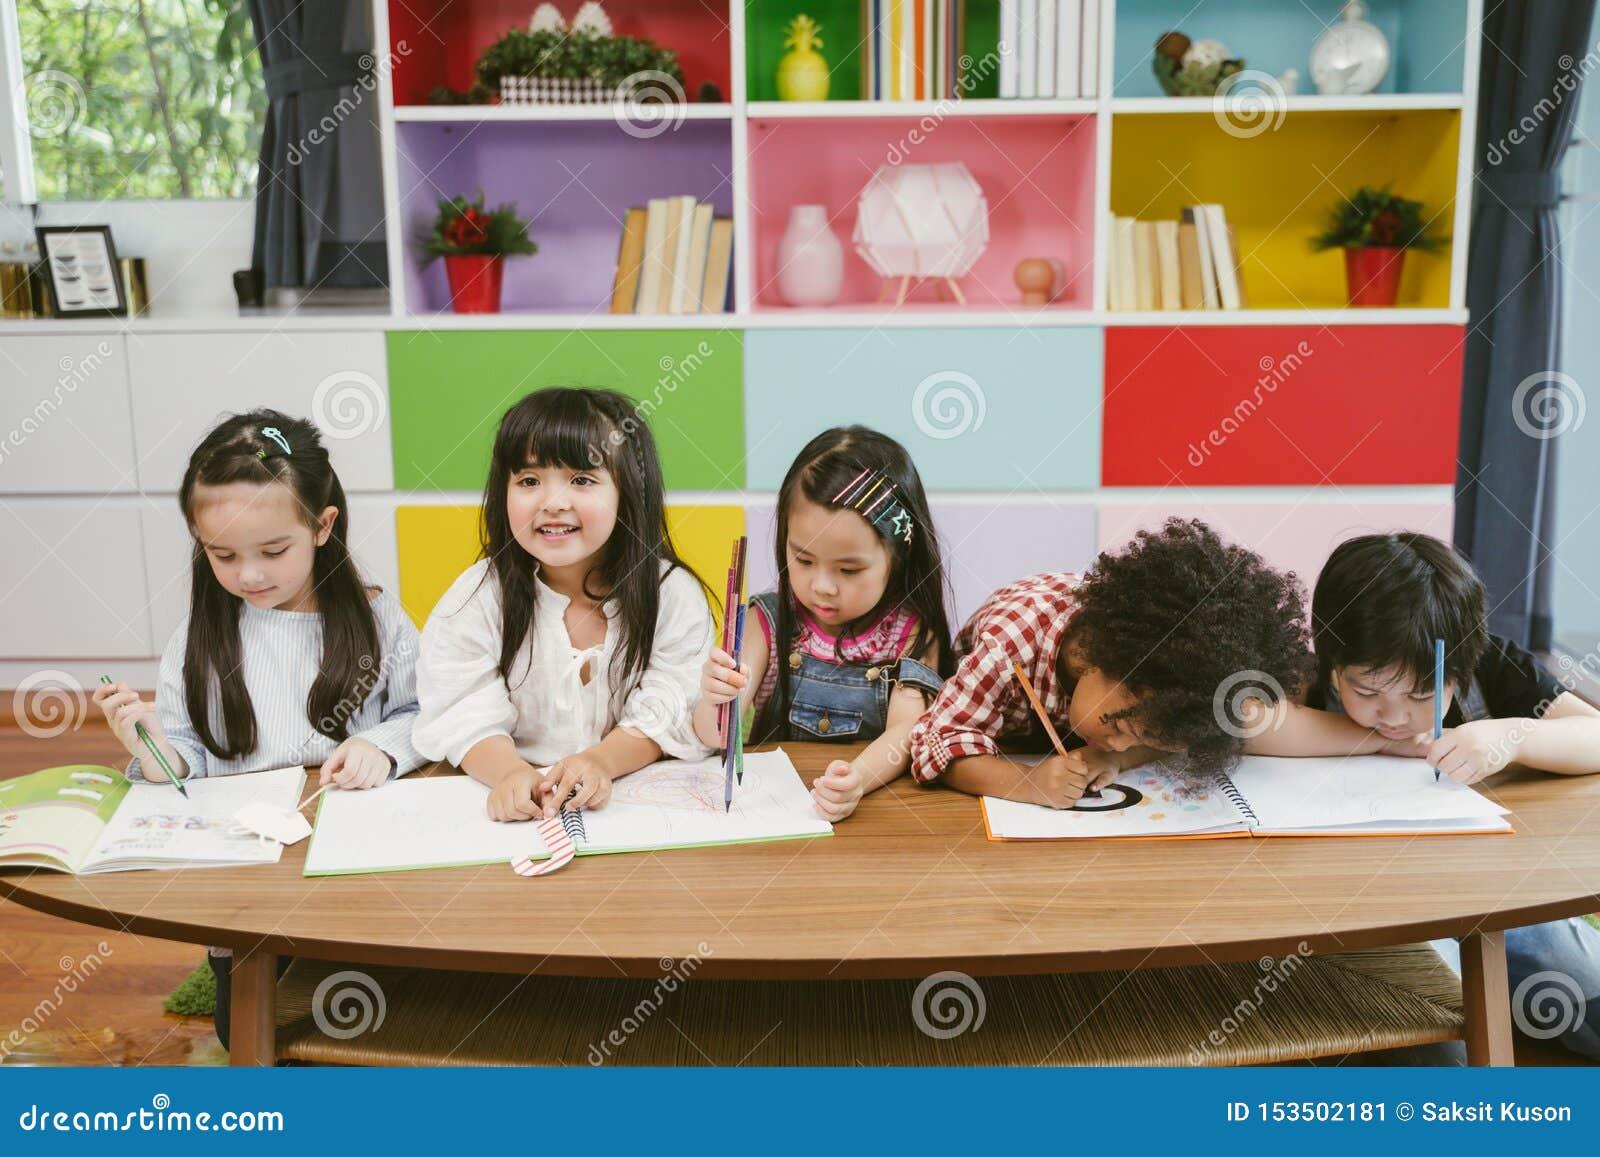 Grupa mały preschool żartuje rysunkowego papier z kolorów ołówkami portret dziecko przyjaciół edukacji pojęcie